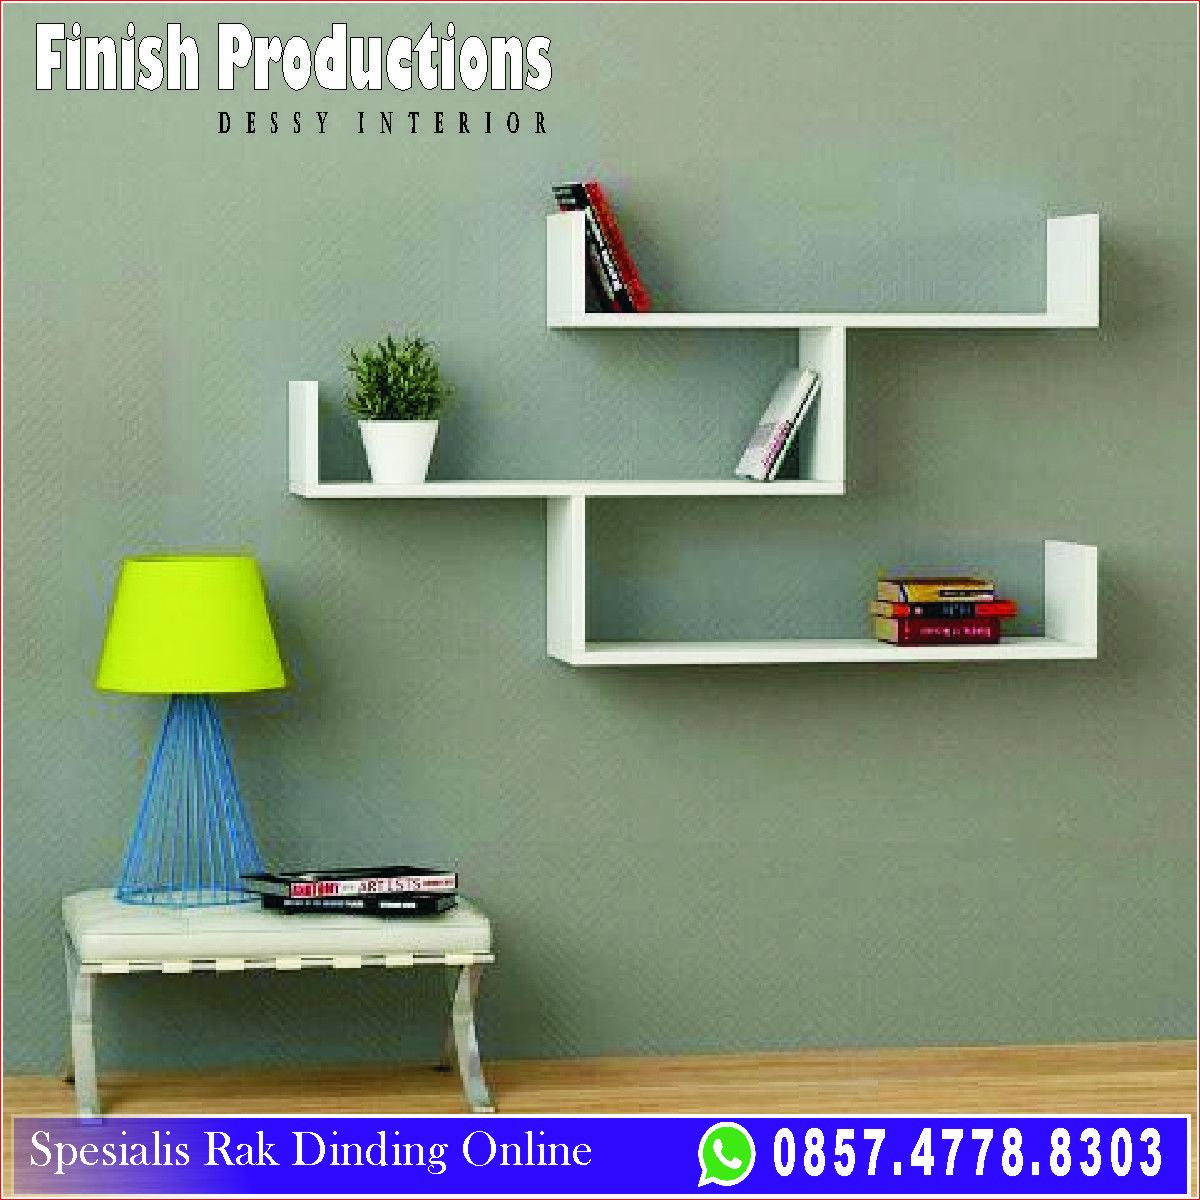 Jual Rak Dinding Ruang Keluarga Jual Rak Dinding Ruang Tv Wa 0857 4778 8303 Jual Rak Dinding Sudut Jual Rak Dinding Sederhan Rak Melayang Rak Dinding Mebel